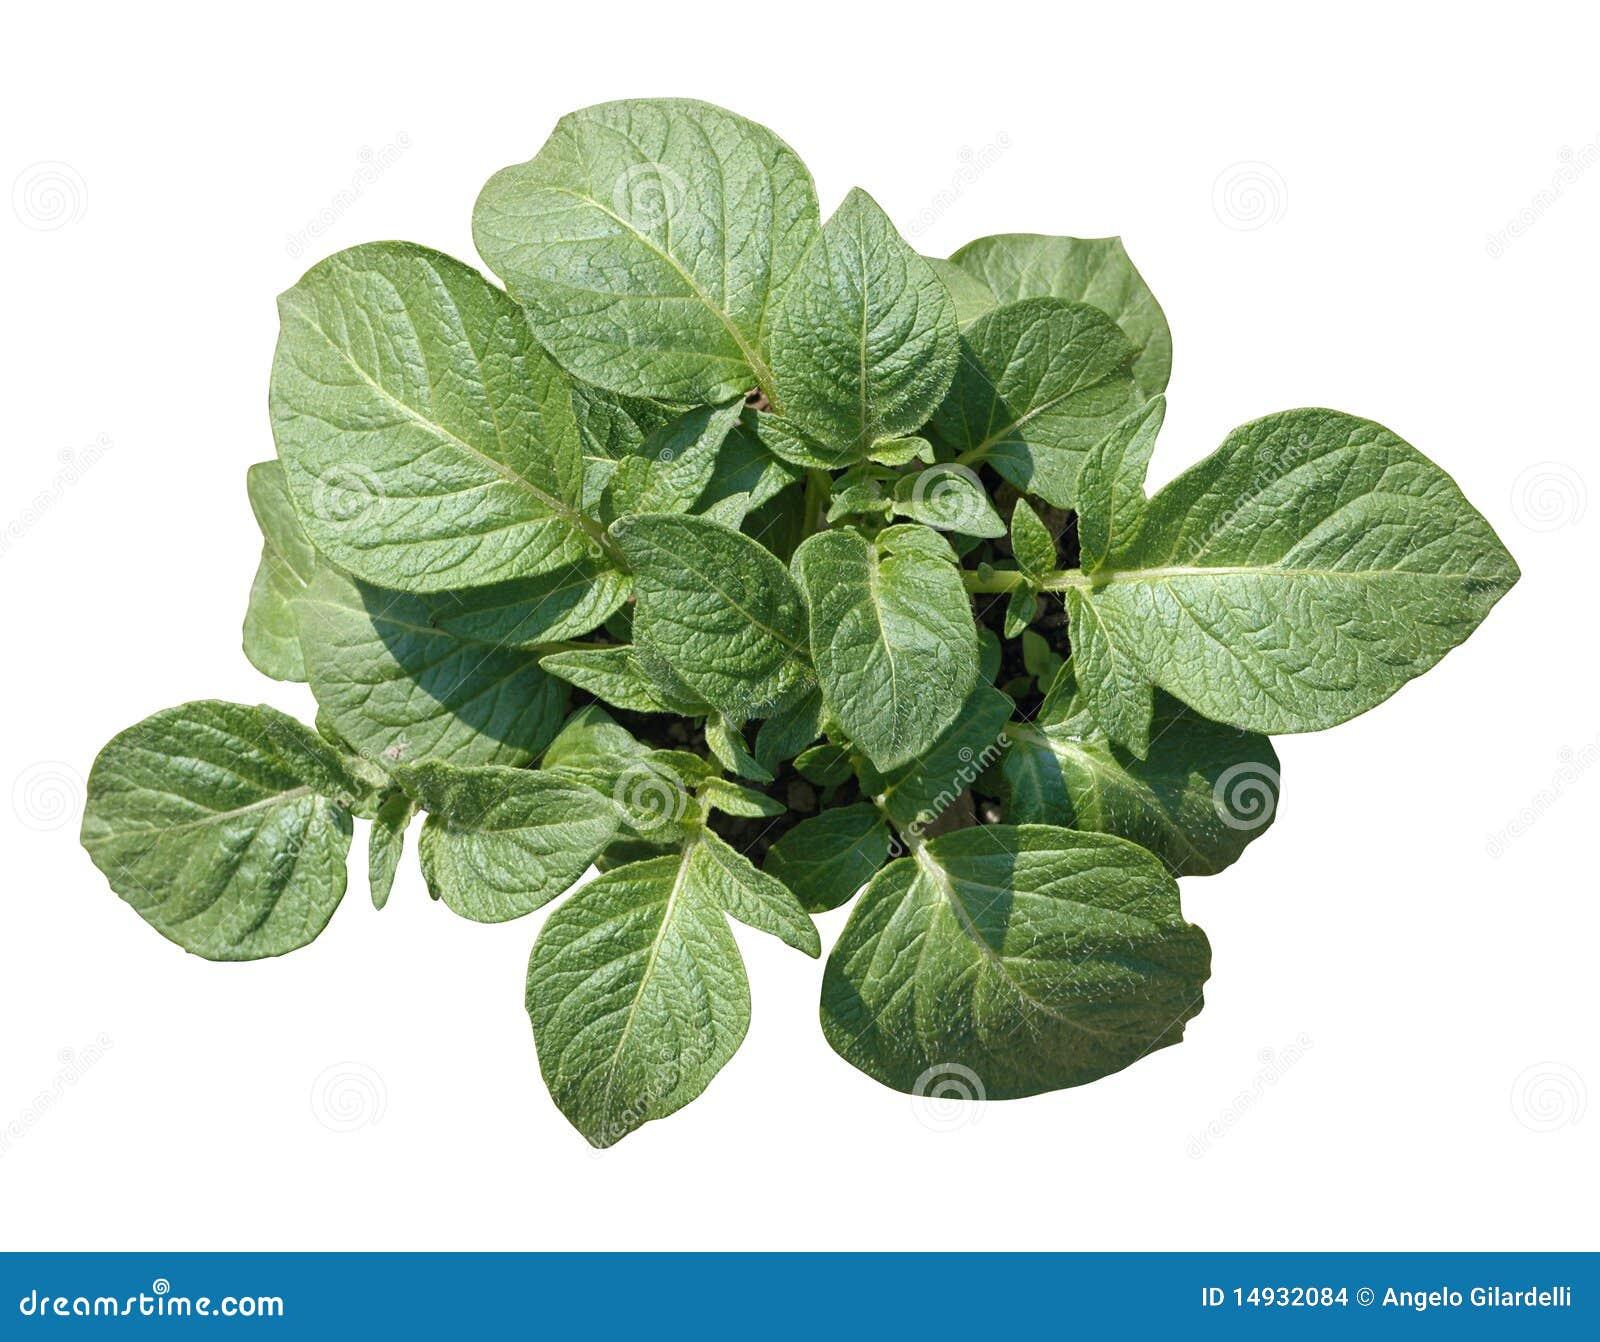 Potato Plant Stock Images - Image: 14932084 Flower Vine Clipart